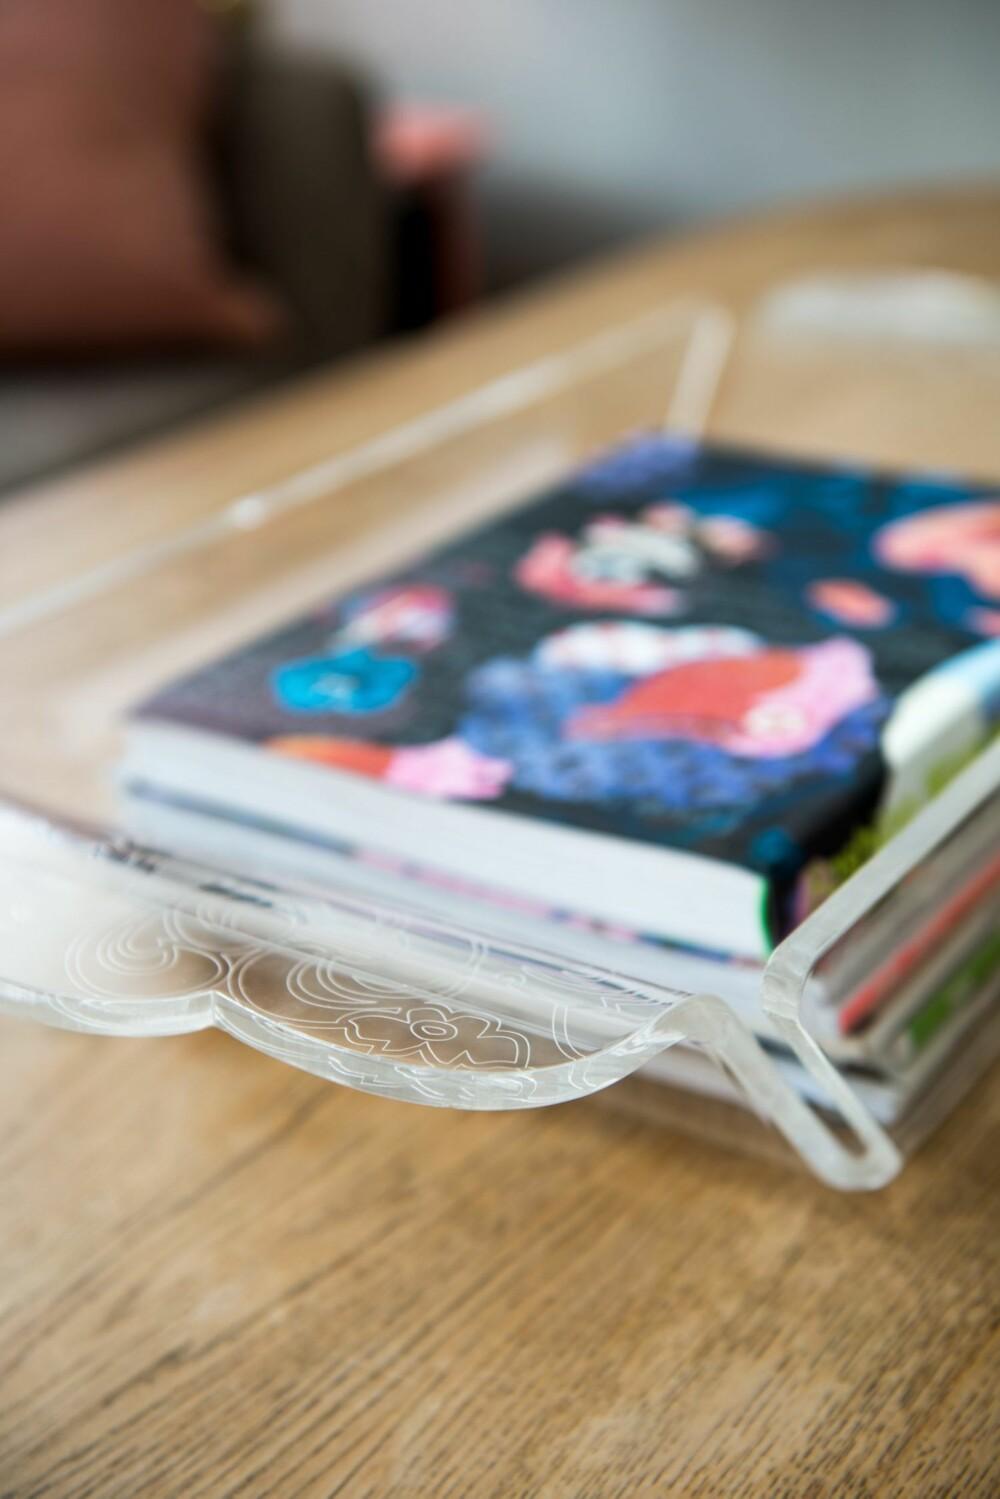 POSTMODERNE BONDEROMANTIKK: Trauet i akrylglass er en prototyp. Helene jobber med å få til en produksjonsavtale slik at den kan nå butikkhyllene i løpet av året. Selv bruker hun produktet som en magasinkurv.